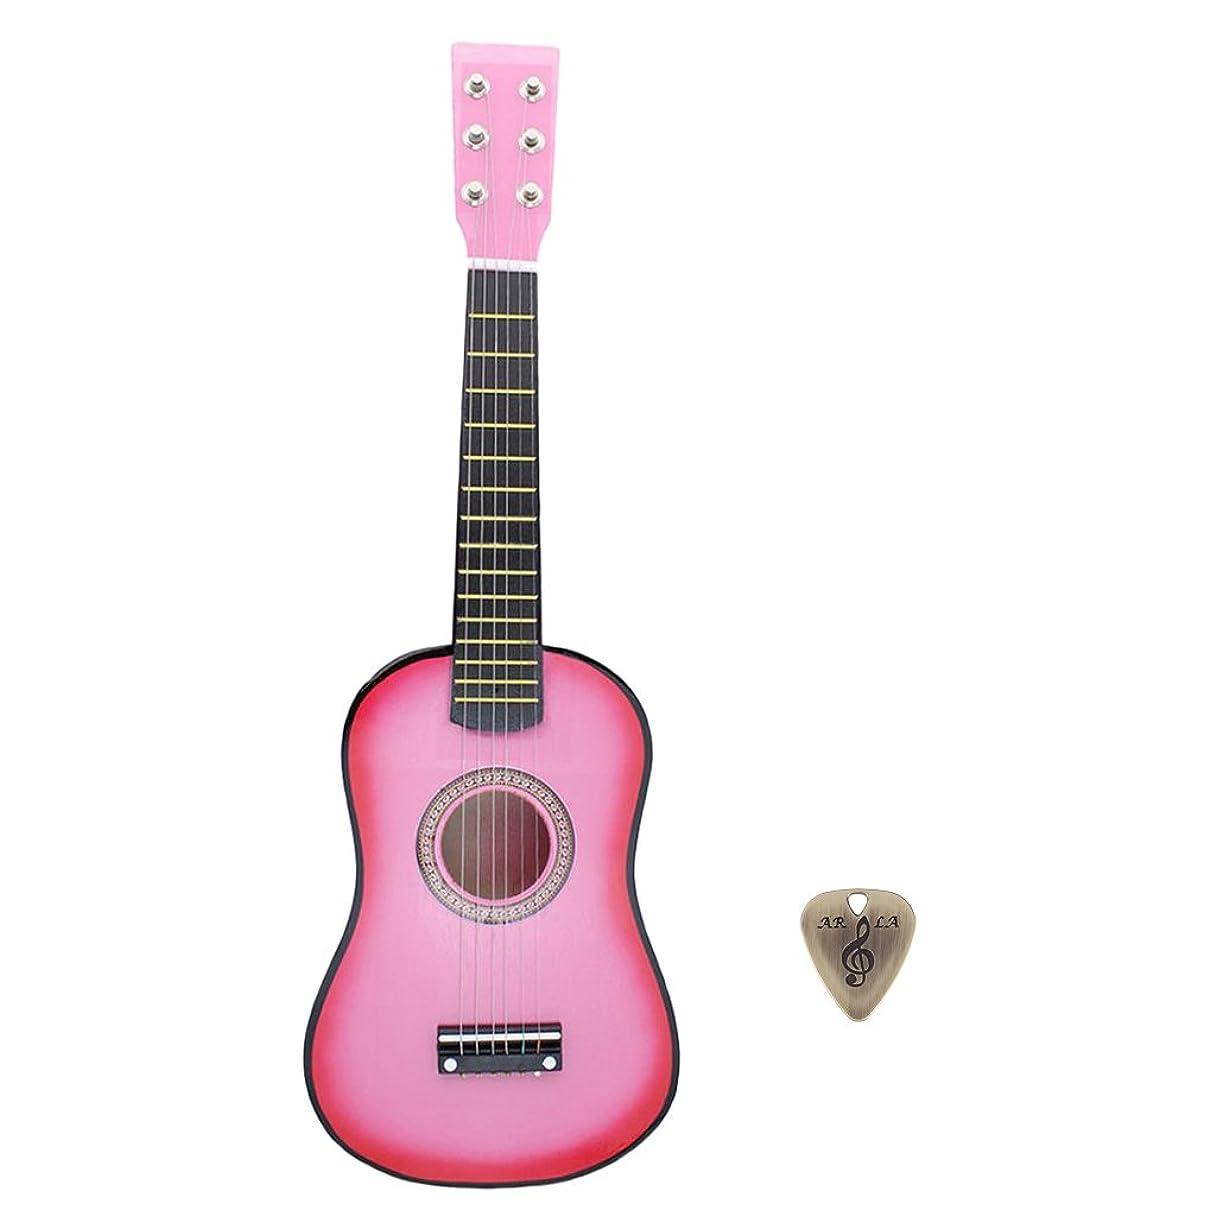 タイトル天使白雪姫gazechimp 23インチ 6弦 アコースティックギター 初心者 音楽愛好家 ギフト